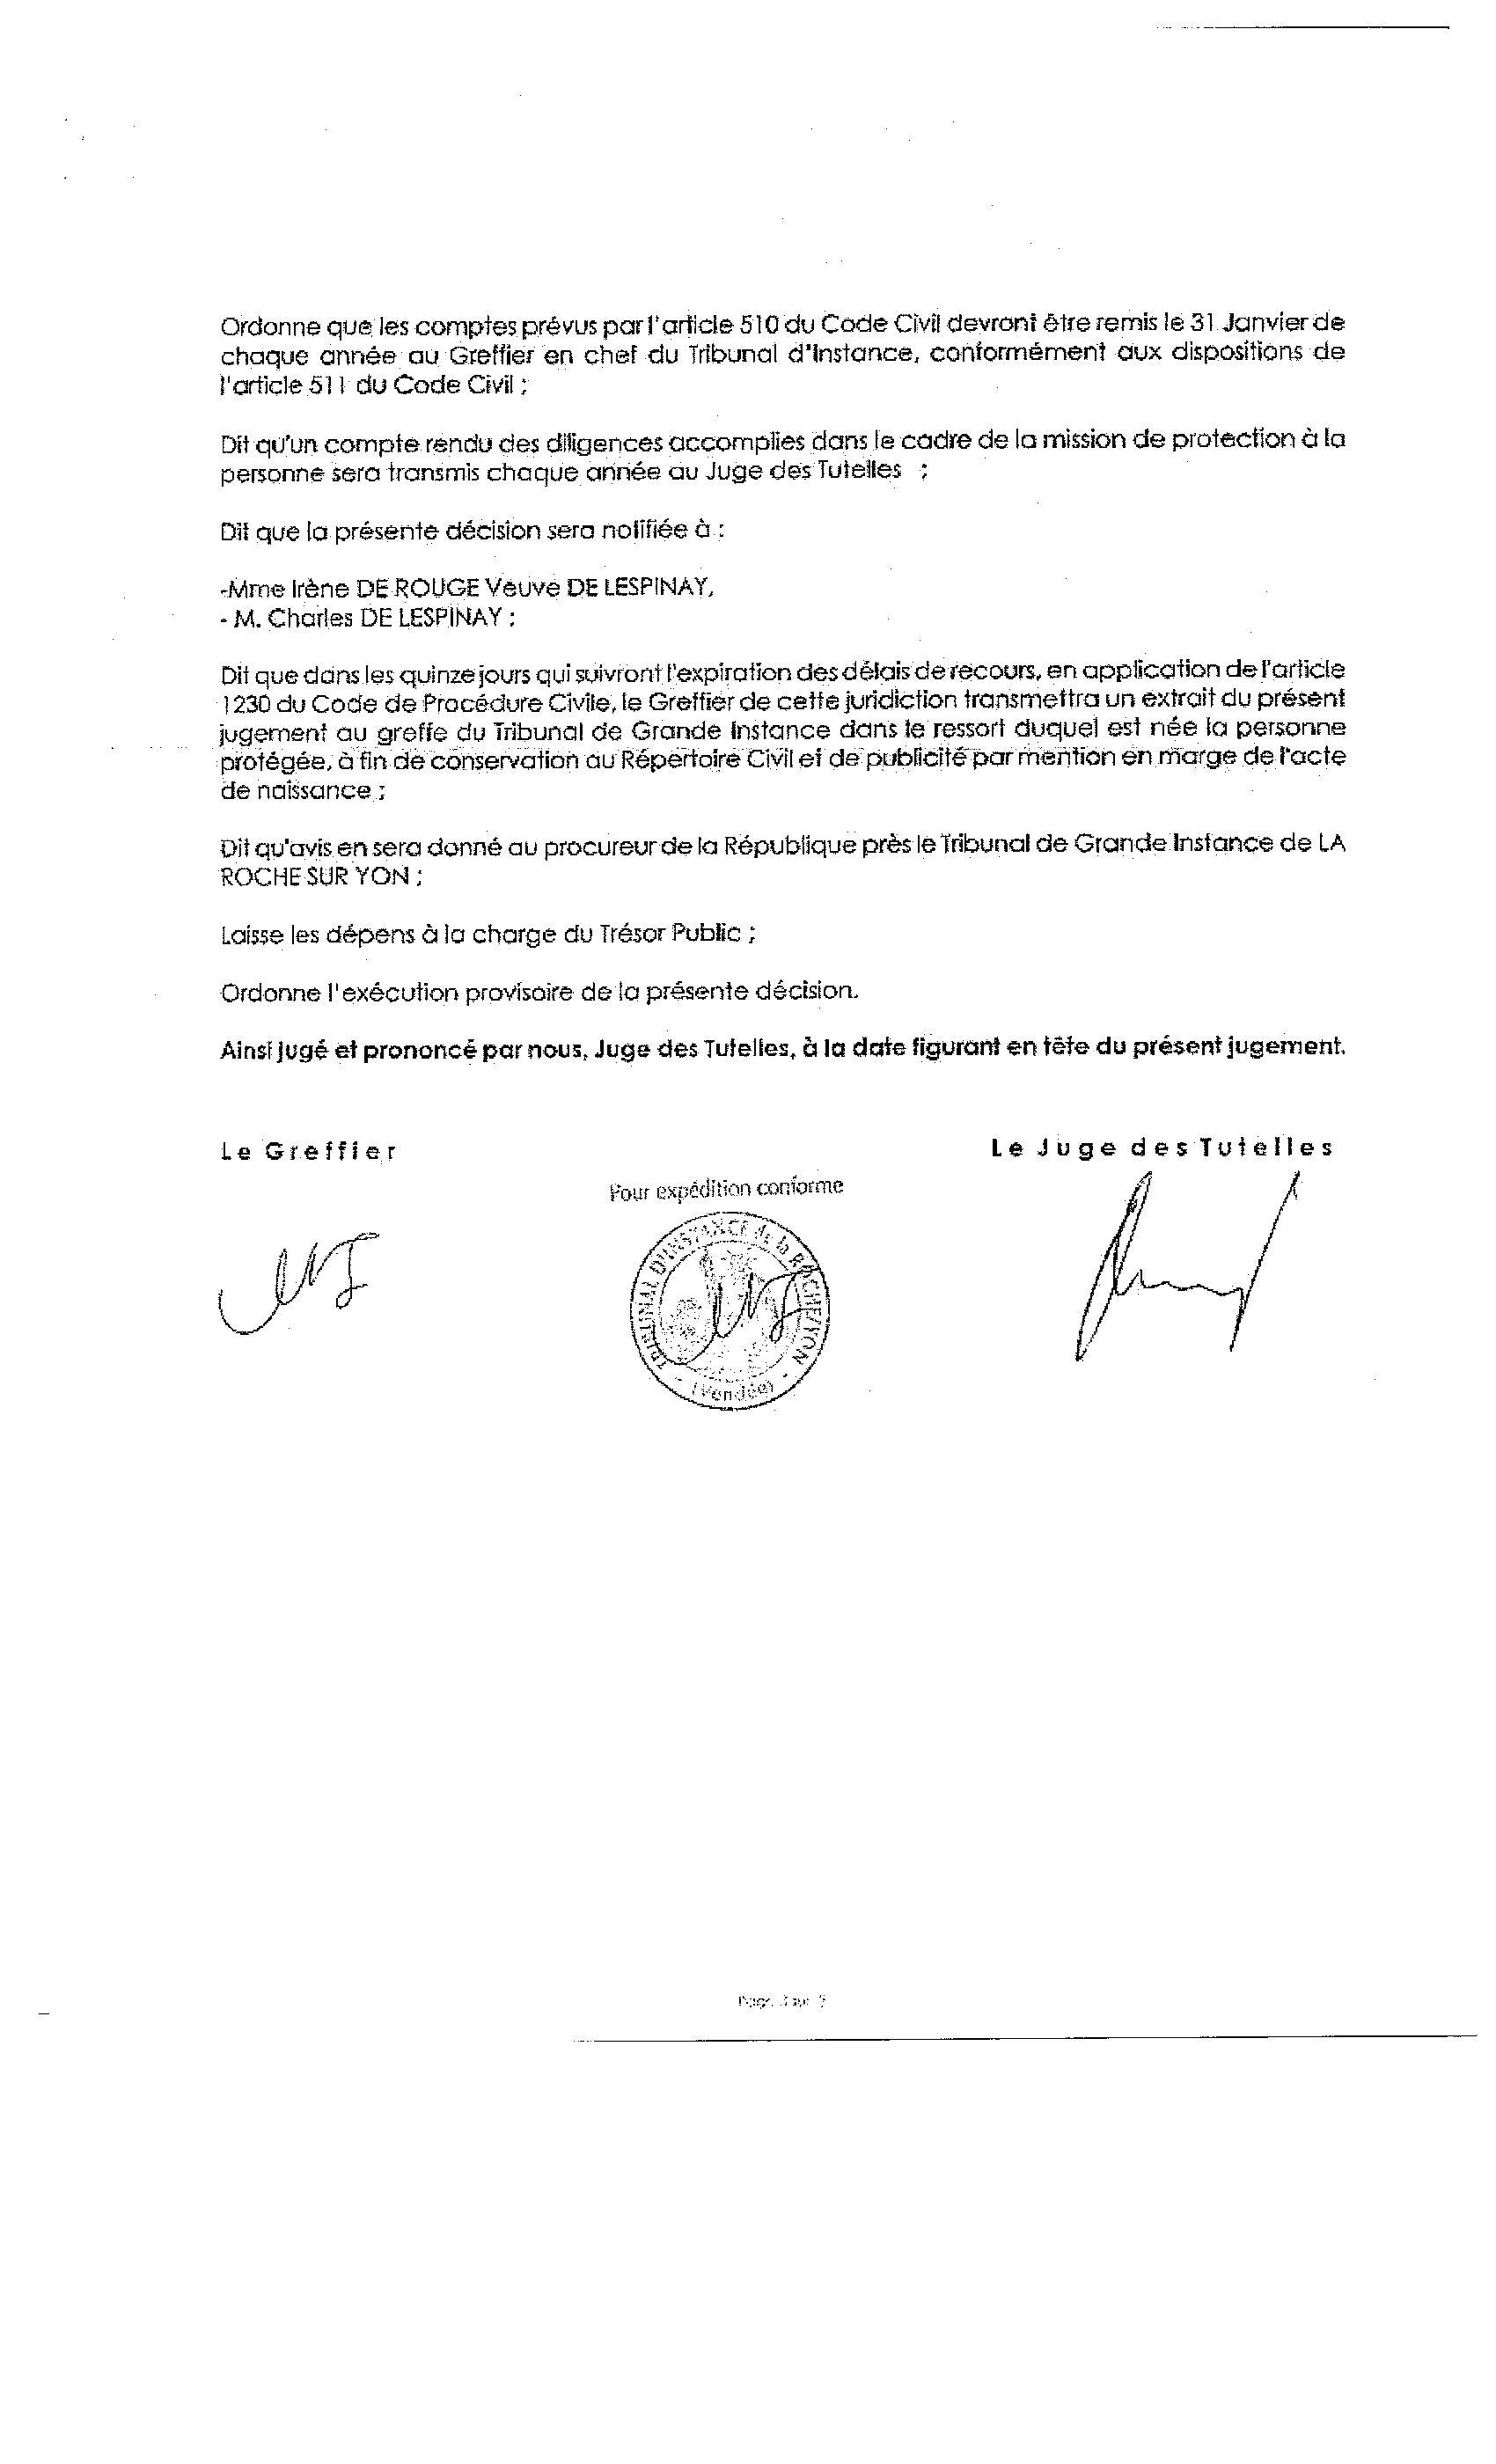 modele de lettre de mise sous tutelle personne agée 2011 – Un juge corrompu, Claude Oesinger, accorde la tutelle de ma  modele de lettre de mise sous tutelle personne agée